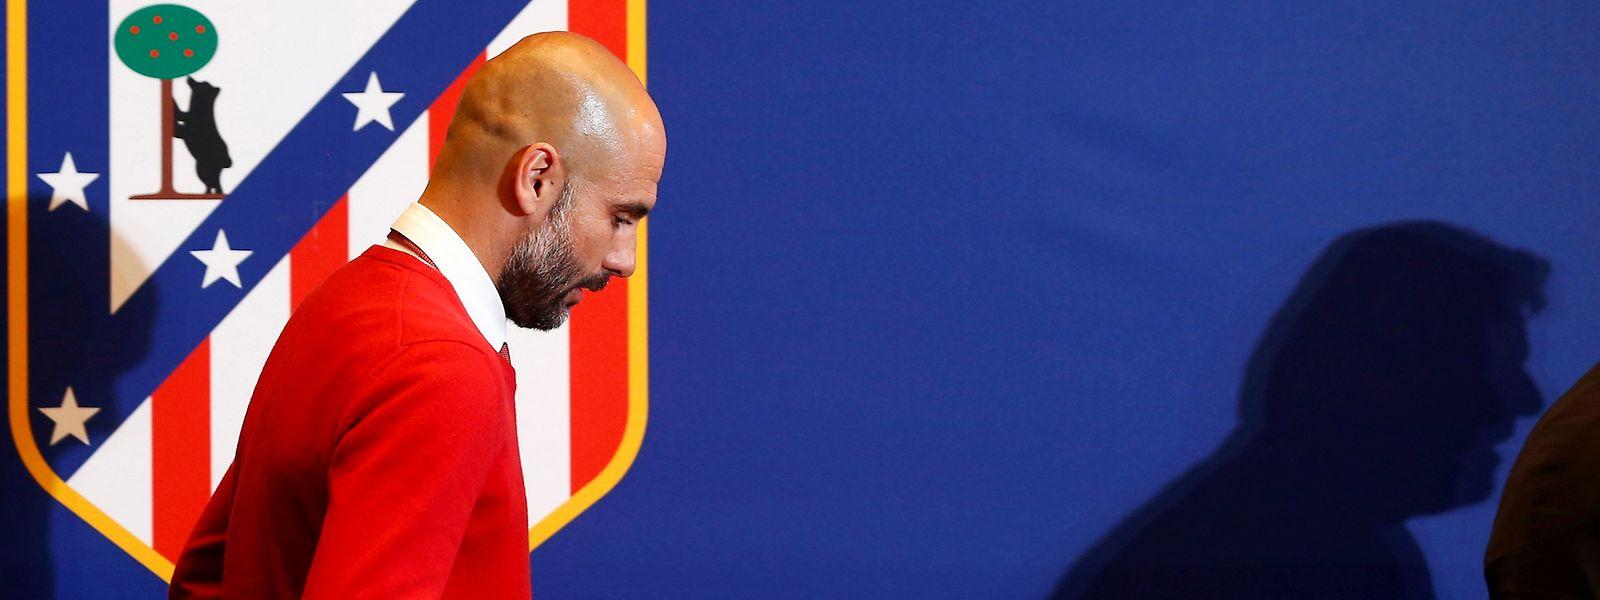 Die Spielweise von Atletico dürfte Pep Guardiola einige Sorgen bereiten.